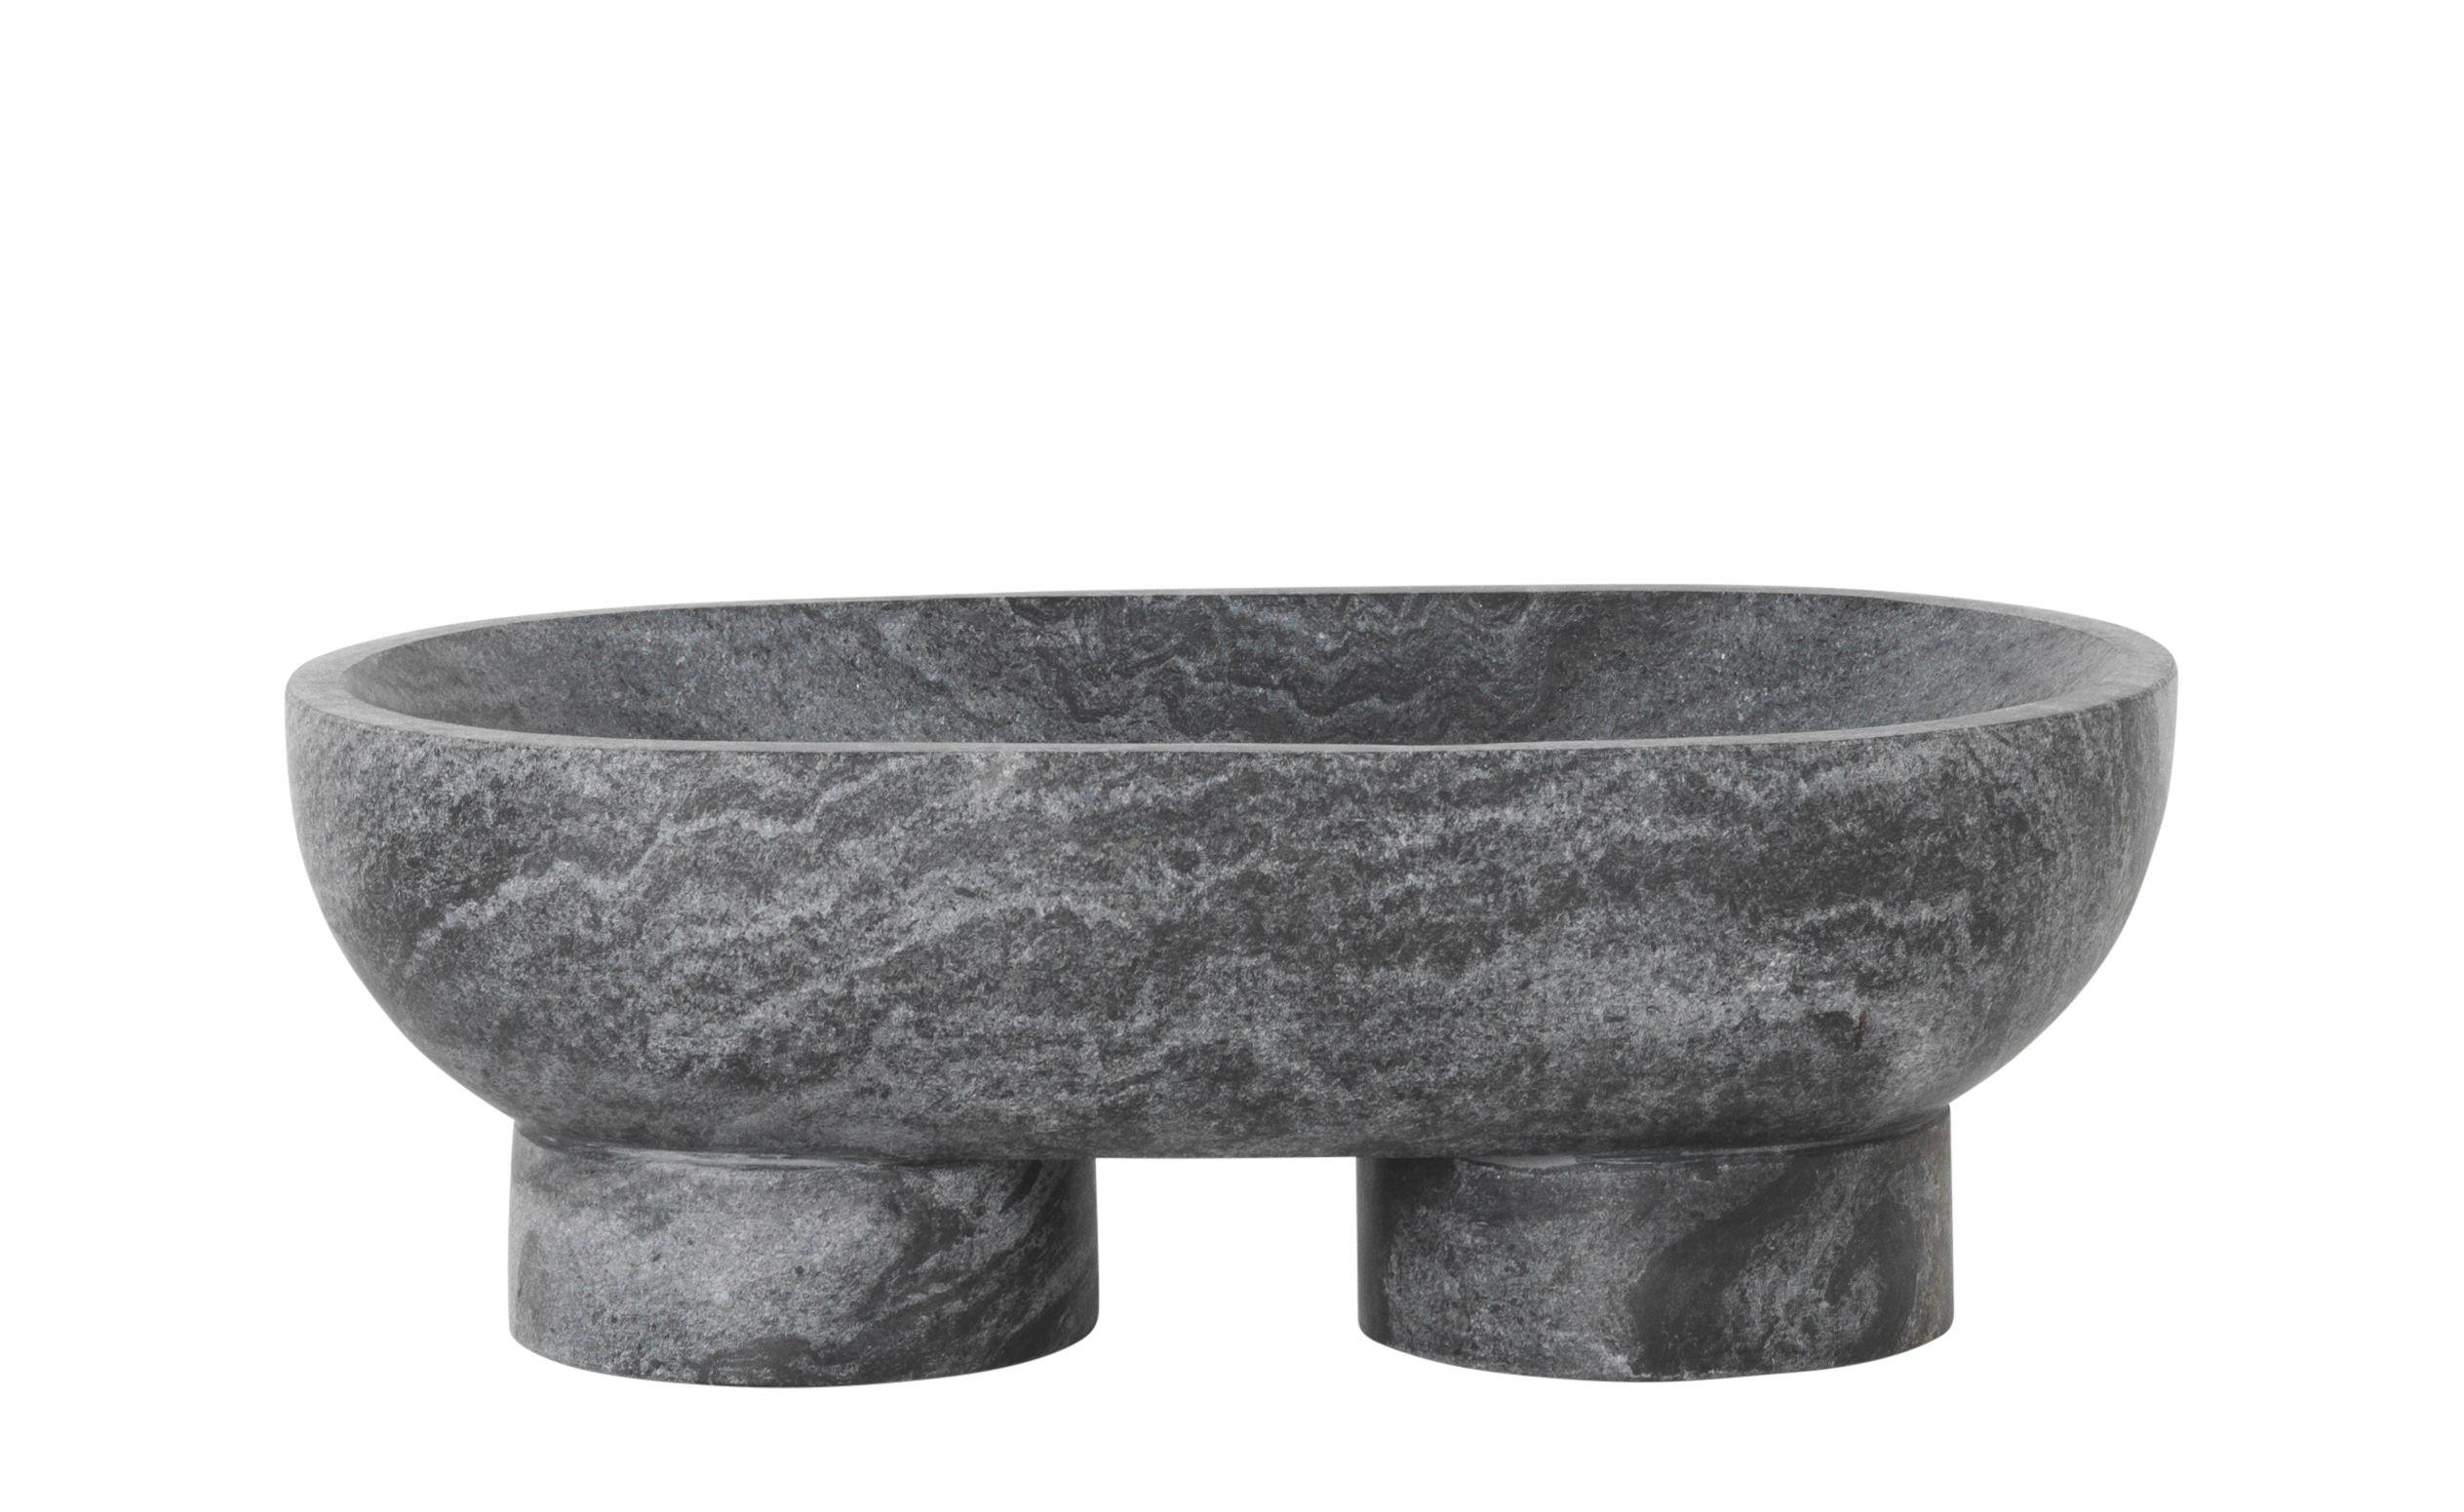 Déco - Corbeilles, centres de table, vide-poches - Coupe Alza / L 25 cm - Marbre - Ferm Living - Noir - Marbre